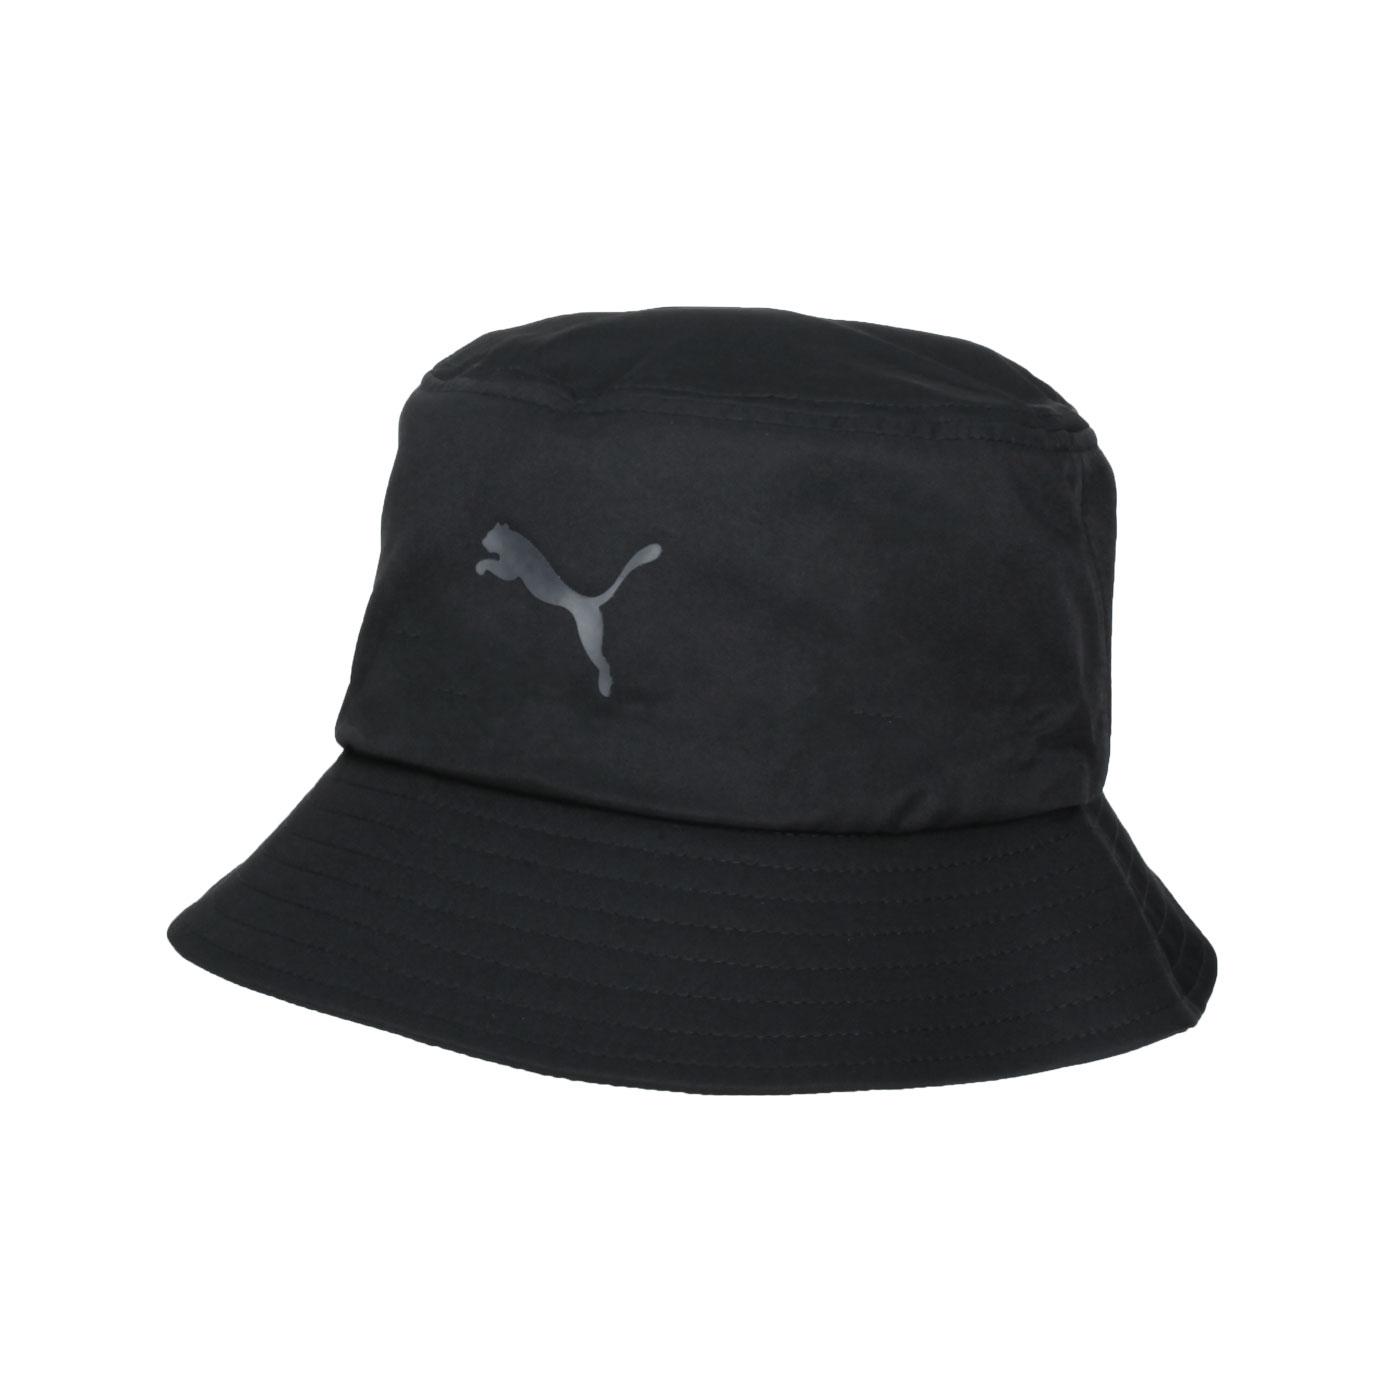 PUMA 漁夫帽 02313101